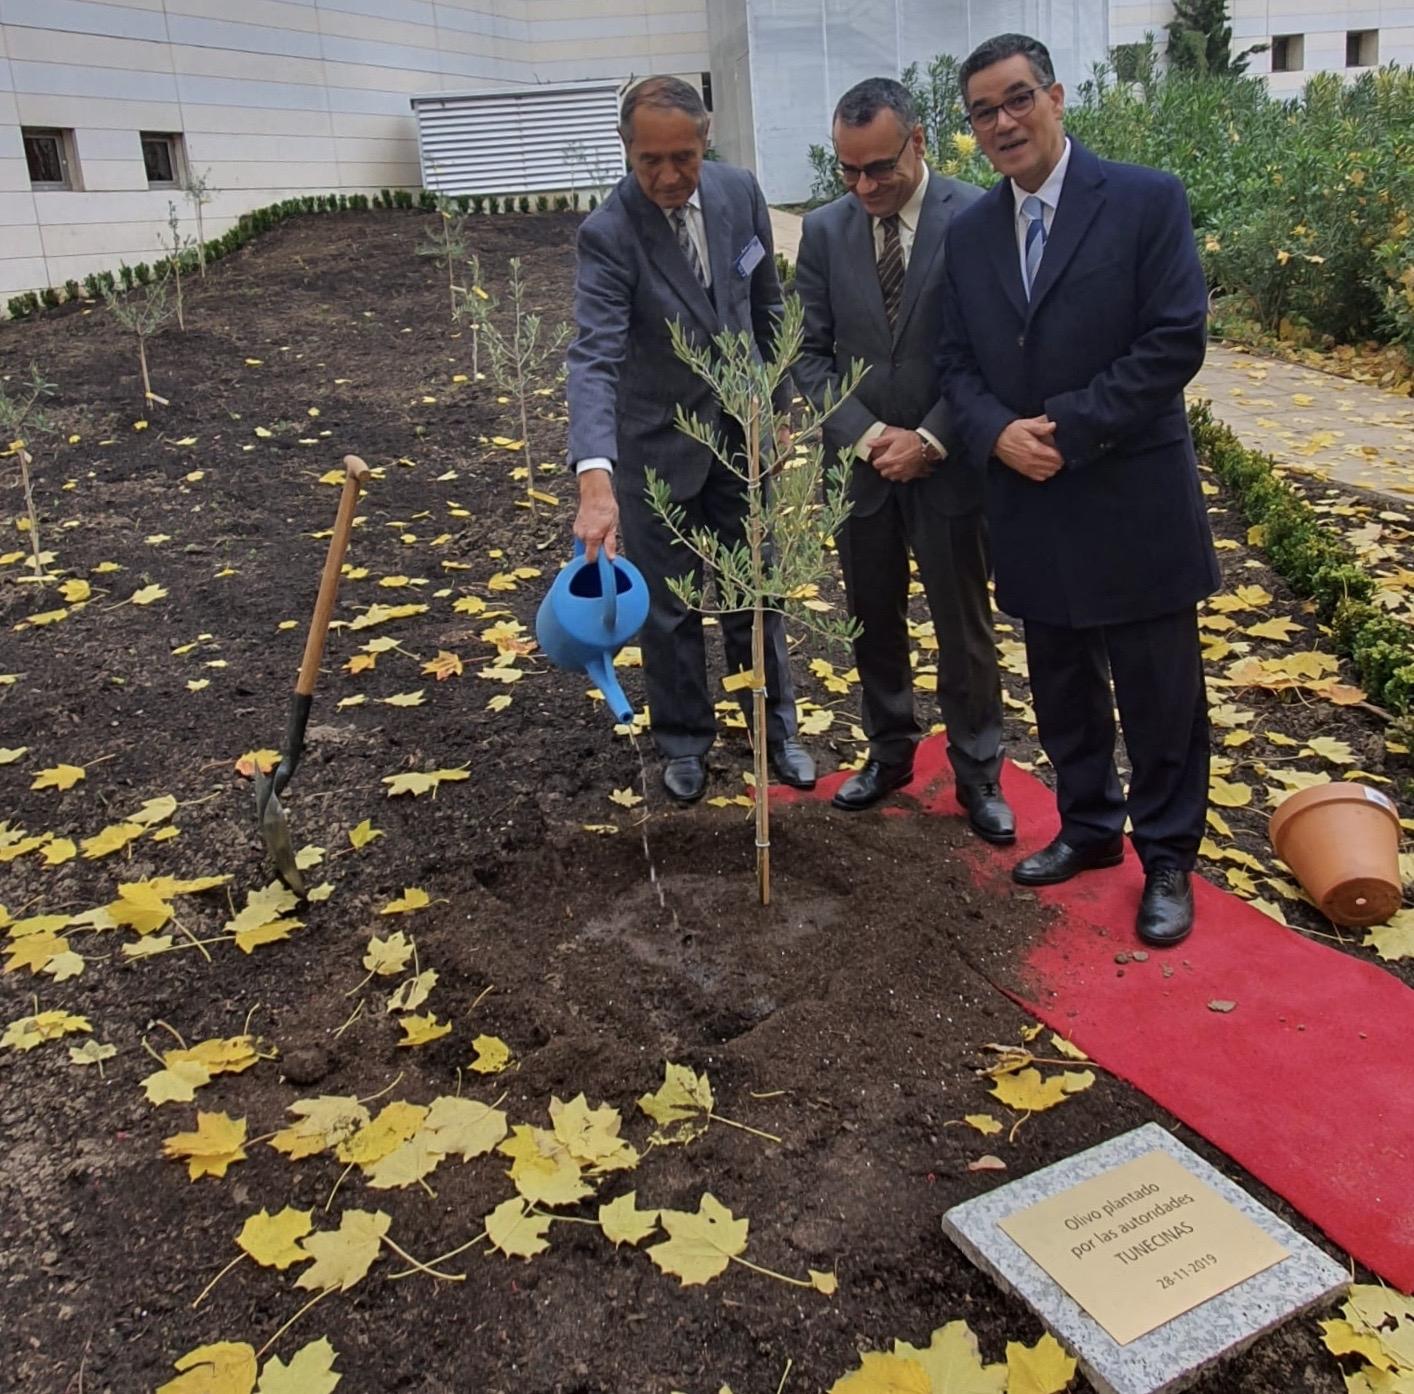 Madrid,  il direttore esecutivo del Consiglio oleicolo internazionale Abdellatif Ghedira ha inaugurato il giardino di ulivi del Coi